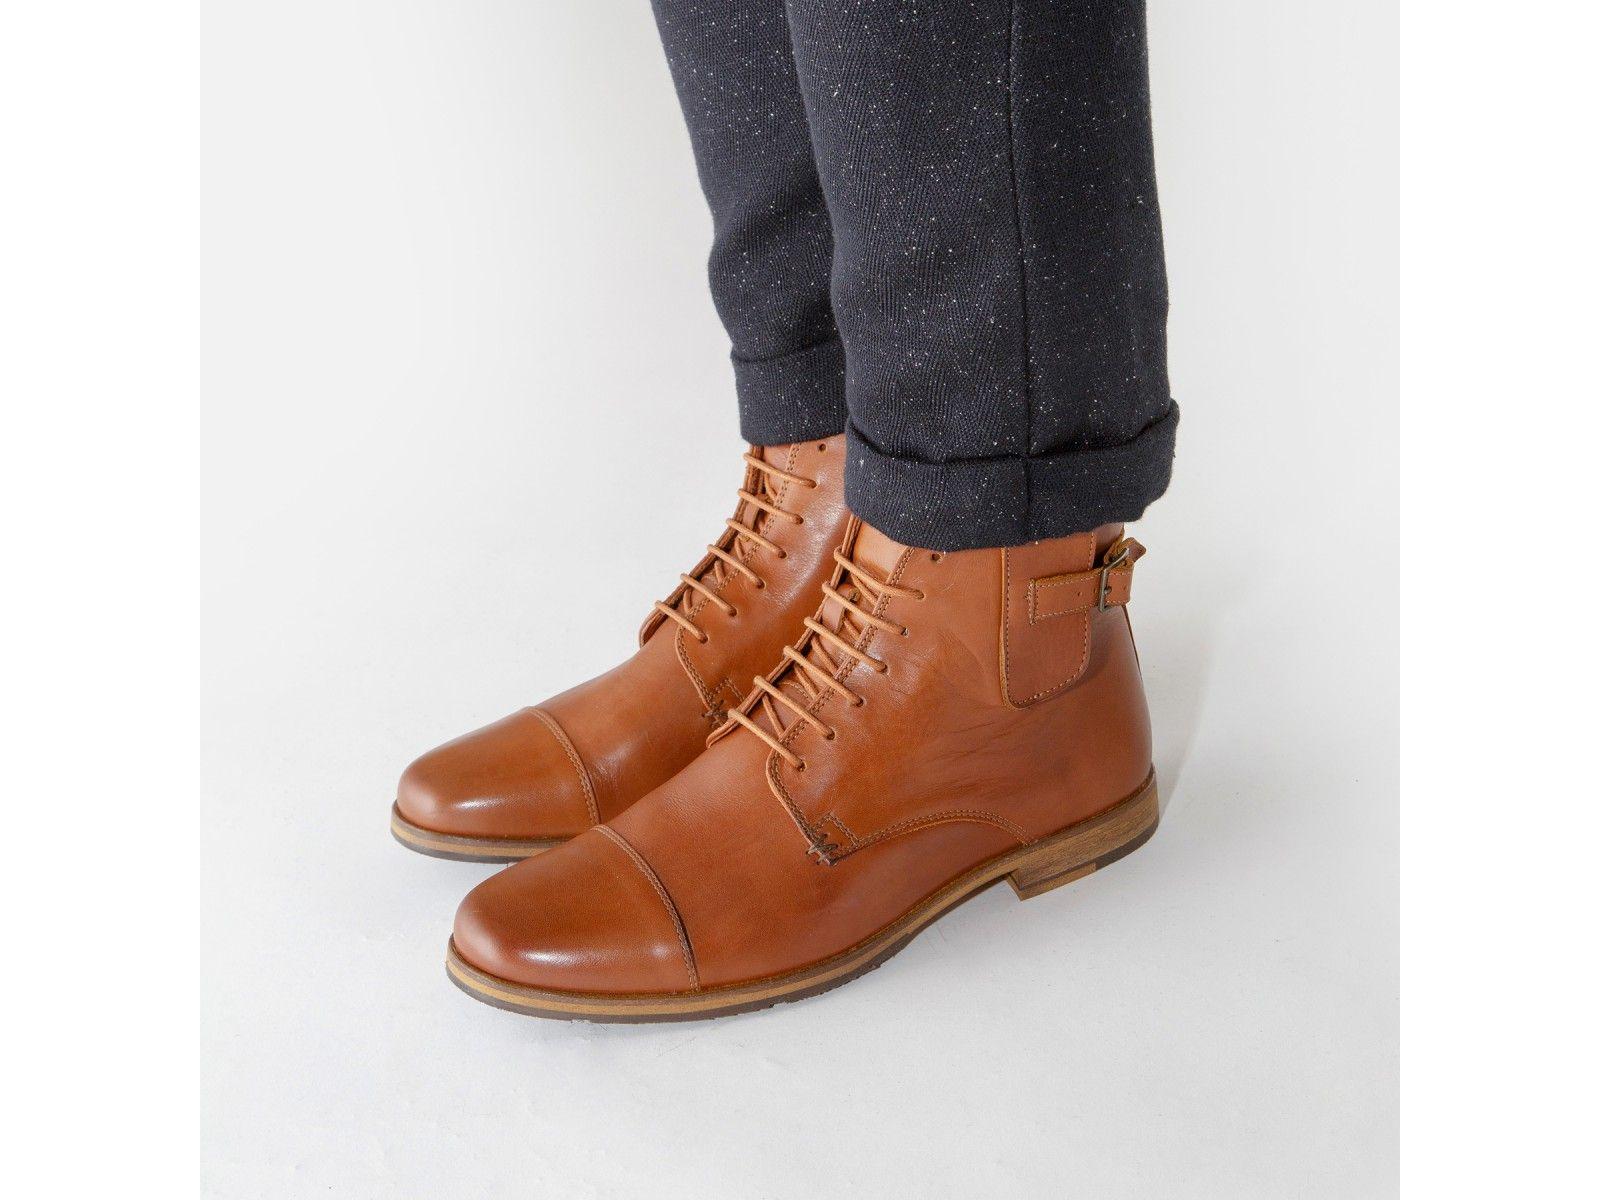 ab98b417841762 Chaussure montante en cuir pour homme. | COLLECTION : Schmoove Homme ...